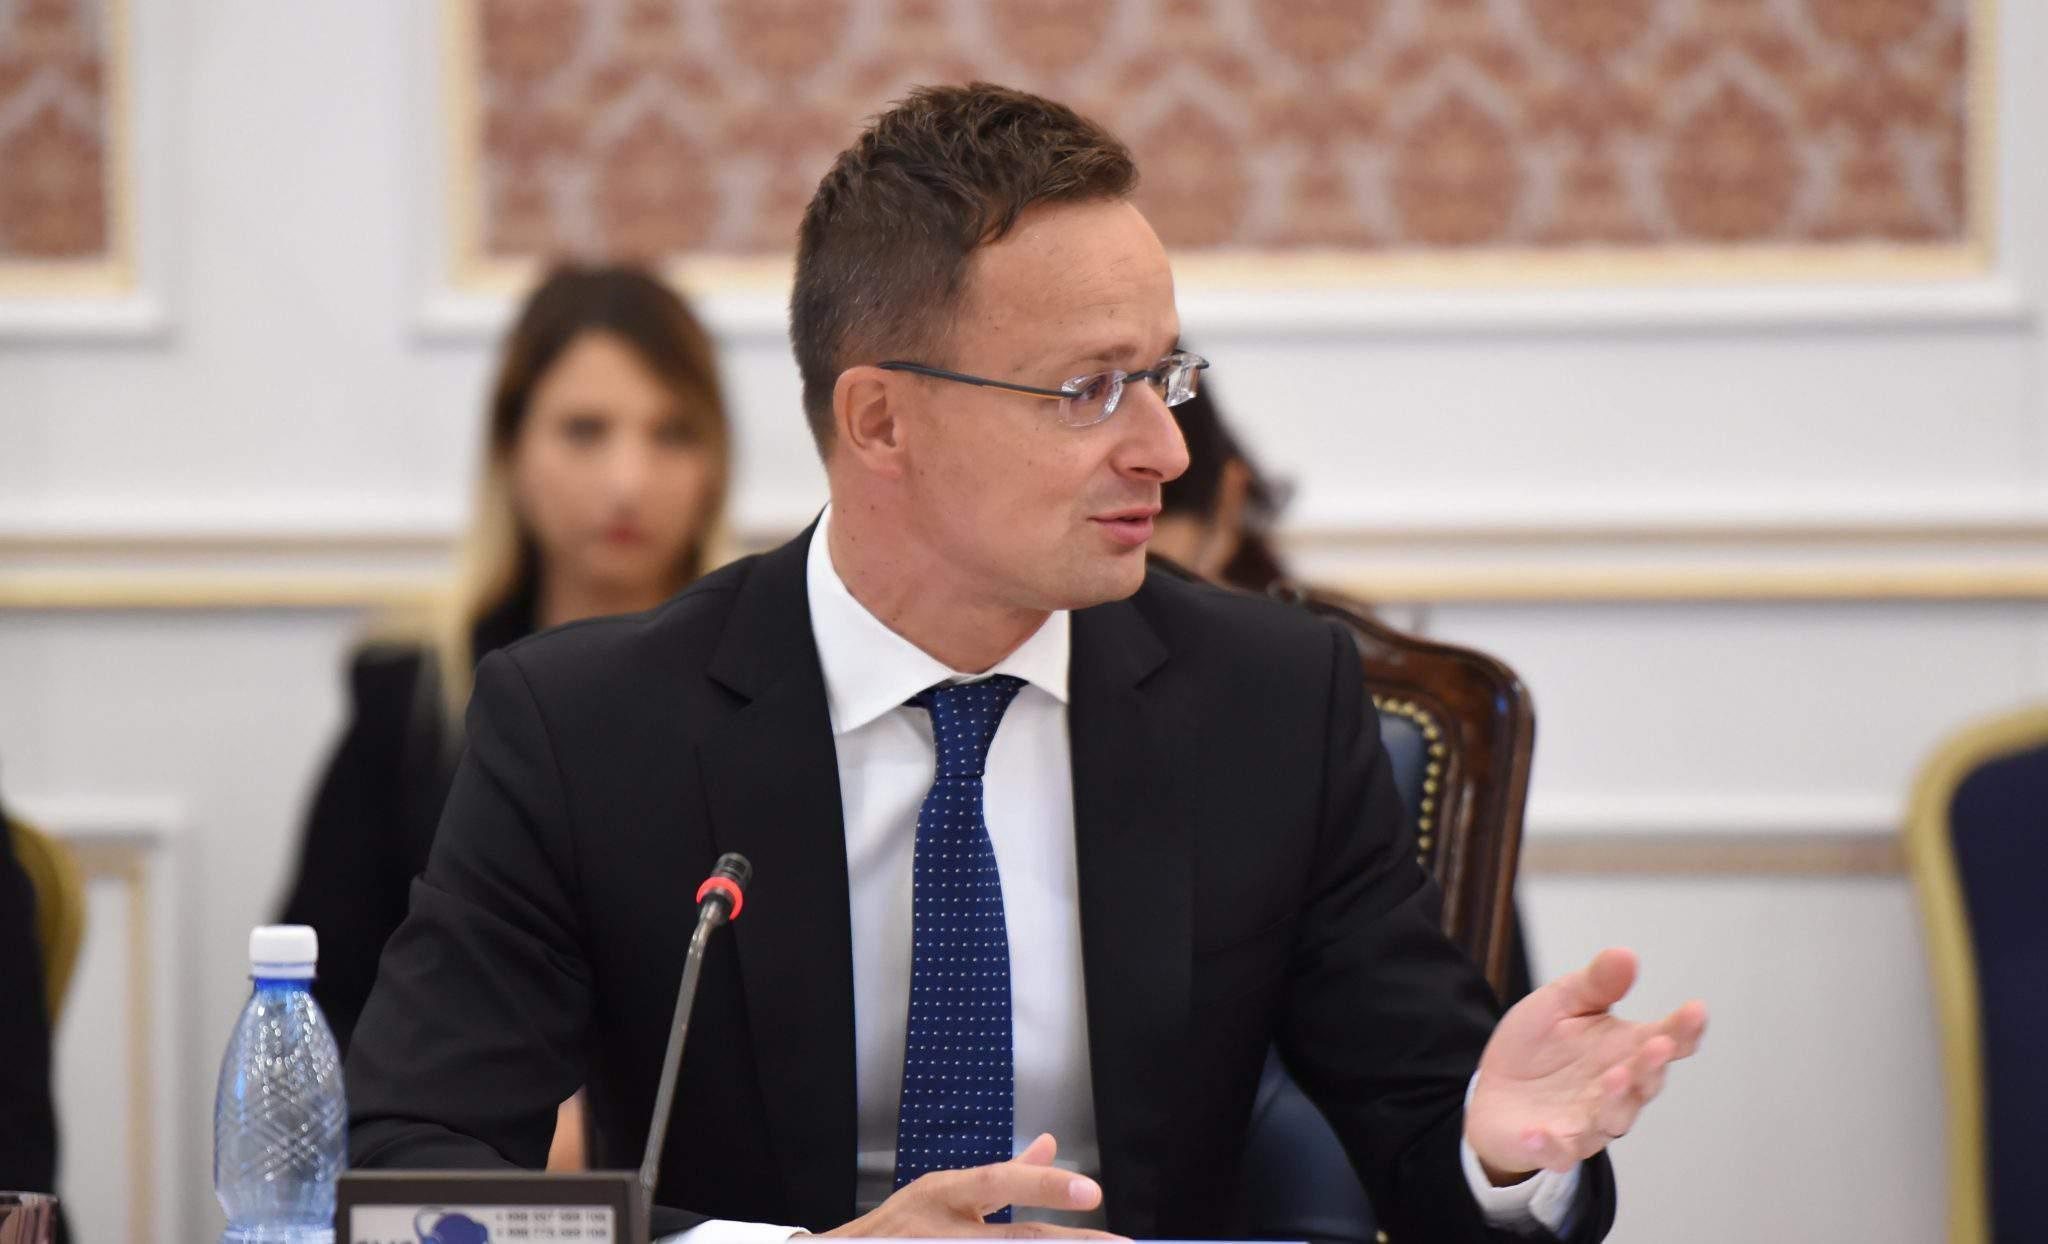 foreign minister speech